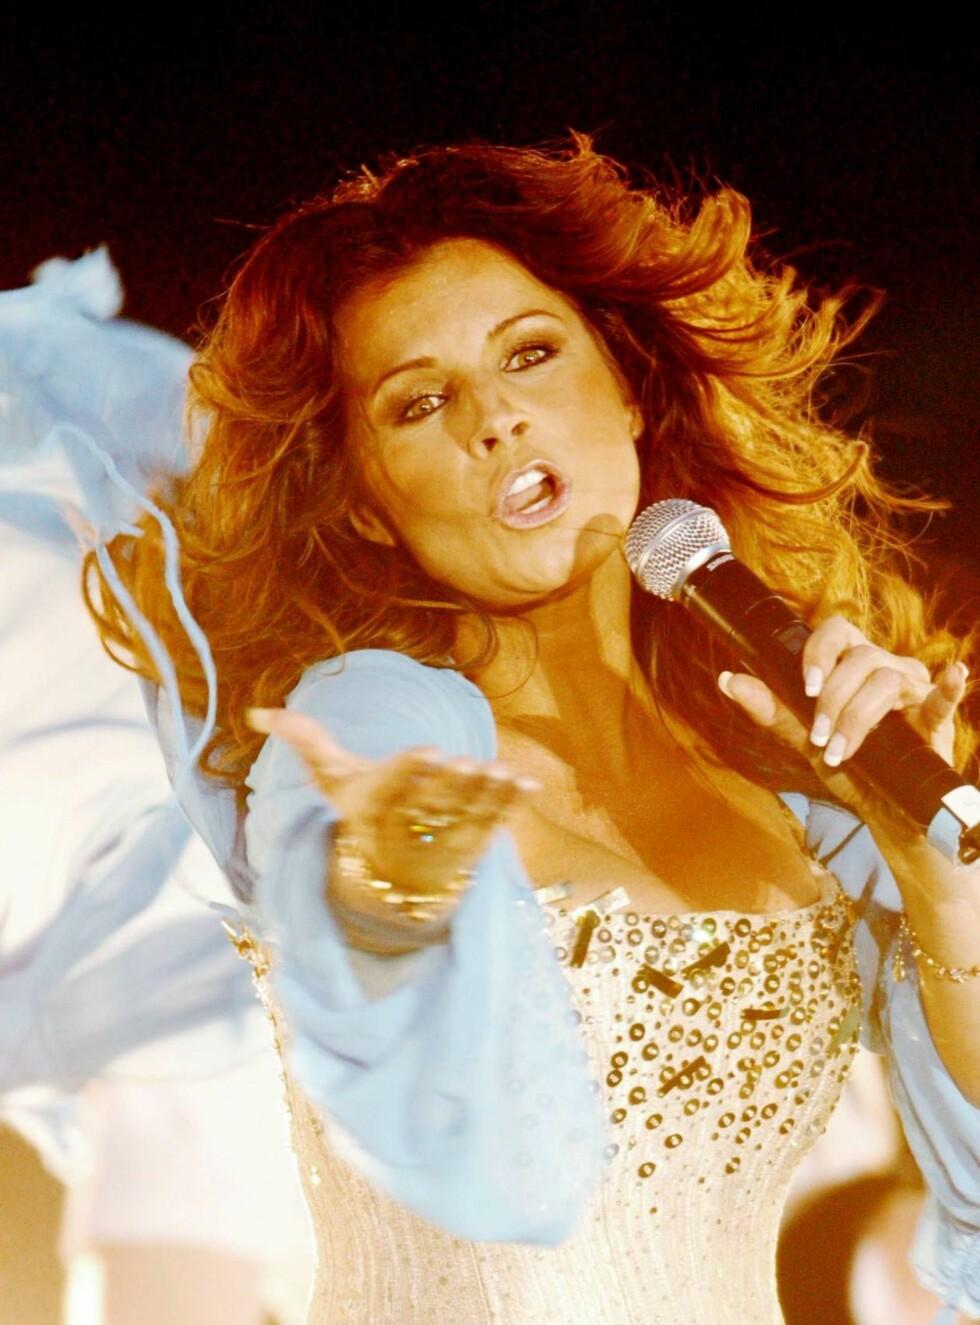 POMPØST: Med 16 karaoke-versjoner av Carolas største hits, er du sikret en god fest. Foto: Stella Pictures